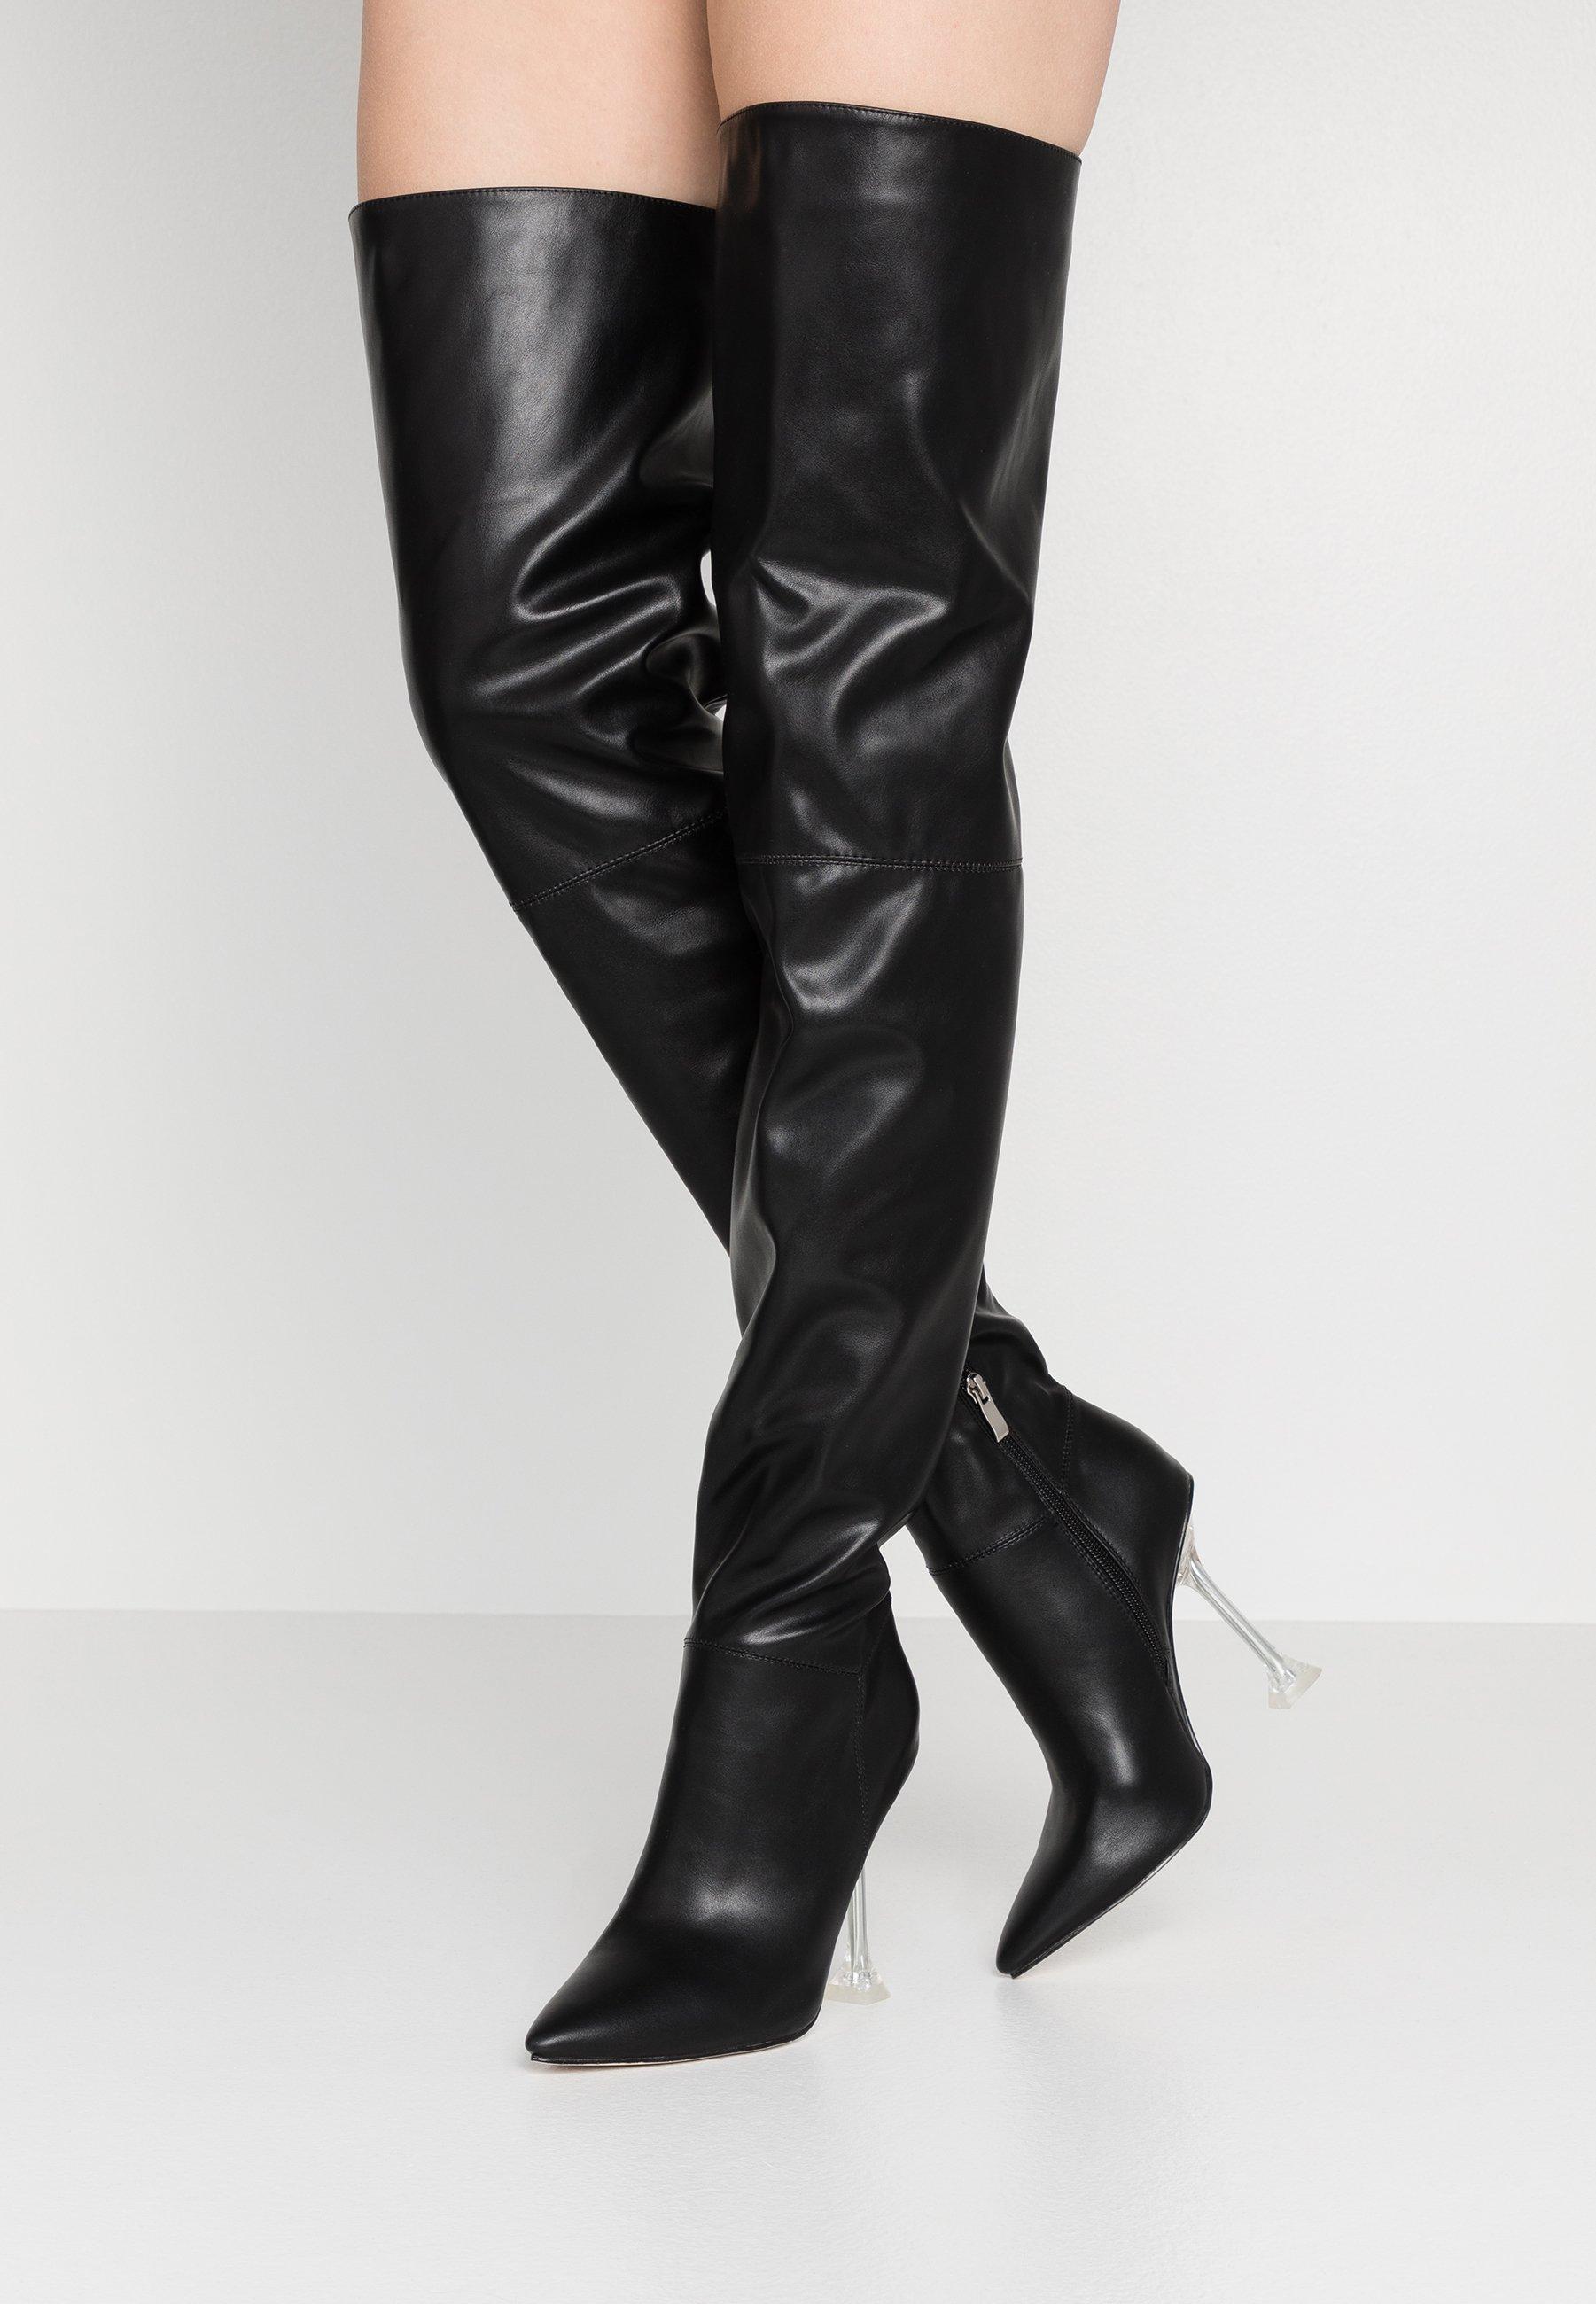 BEBO DELTA - Bottes à talons hauts - black - Bottes femme Dégagement